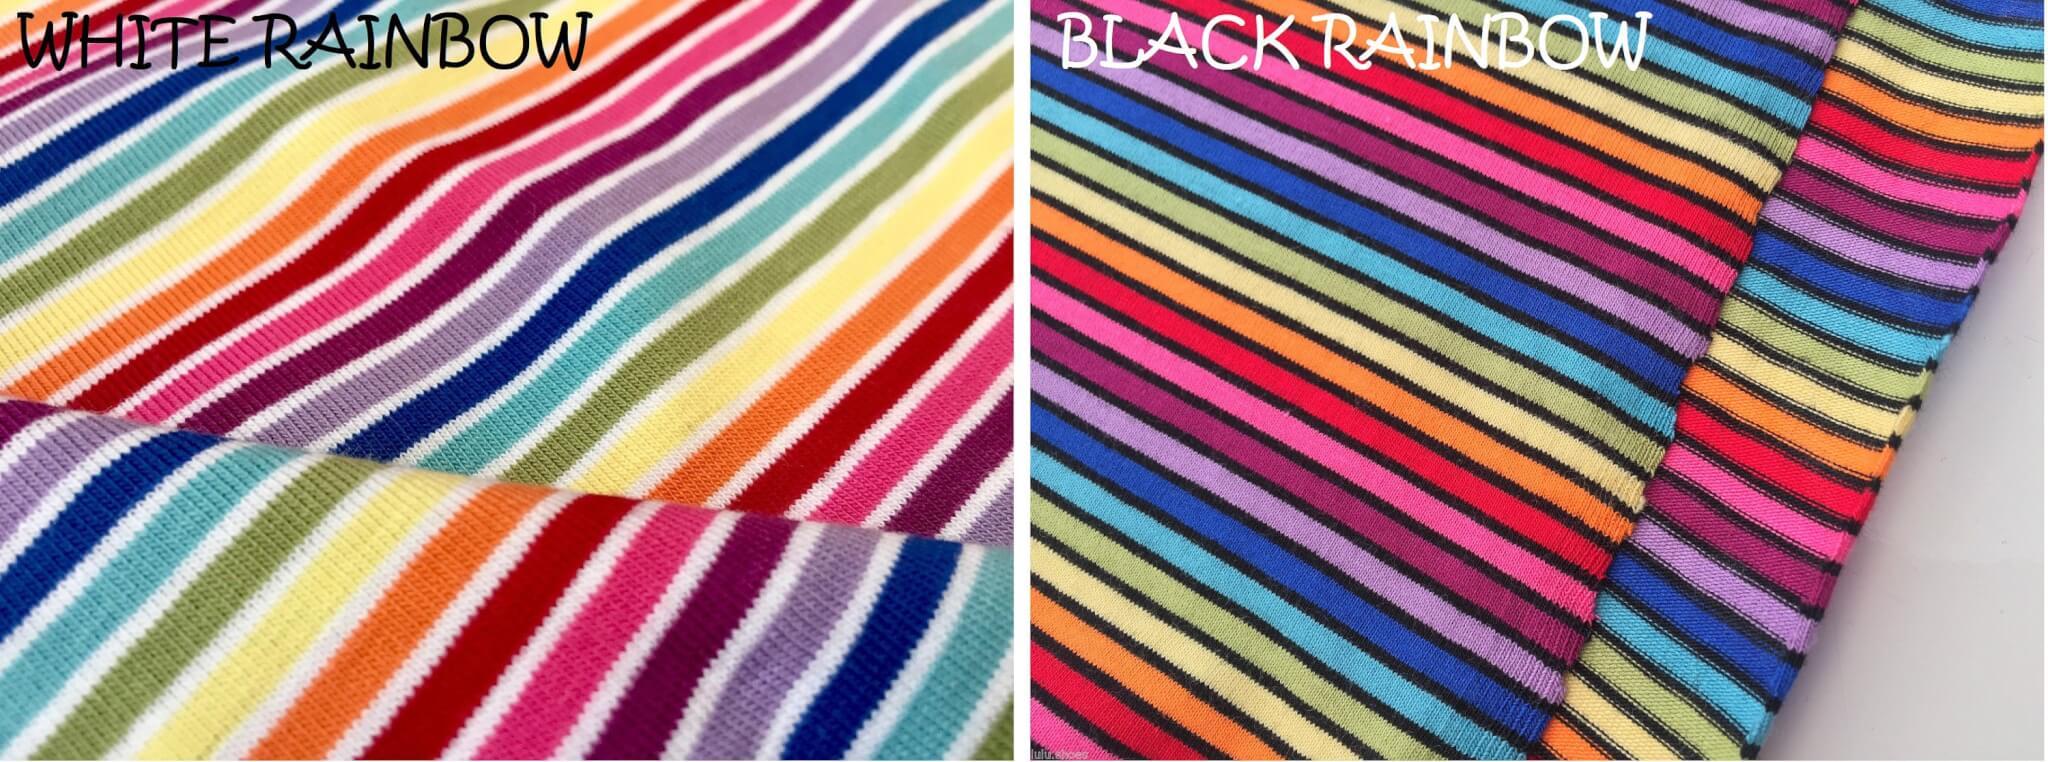 cf1b8411aba MULTI STRIPE Rainbow Single Jersey Knit Elastane - 4 Way Stretch Rib Cuff  Fabric - 155cm